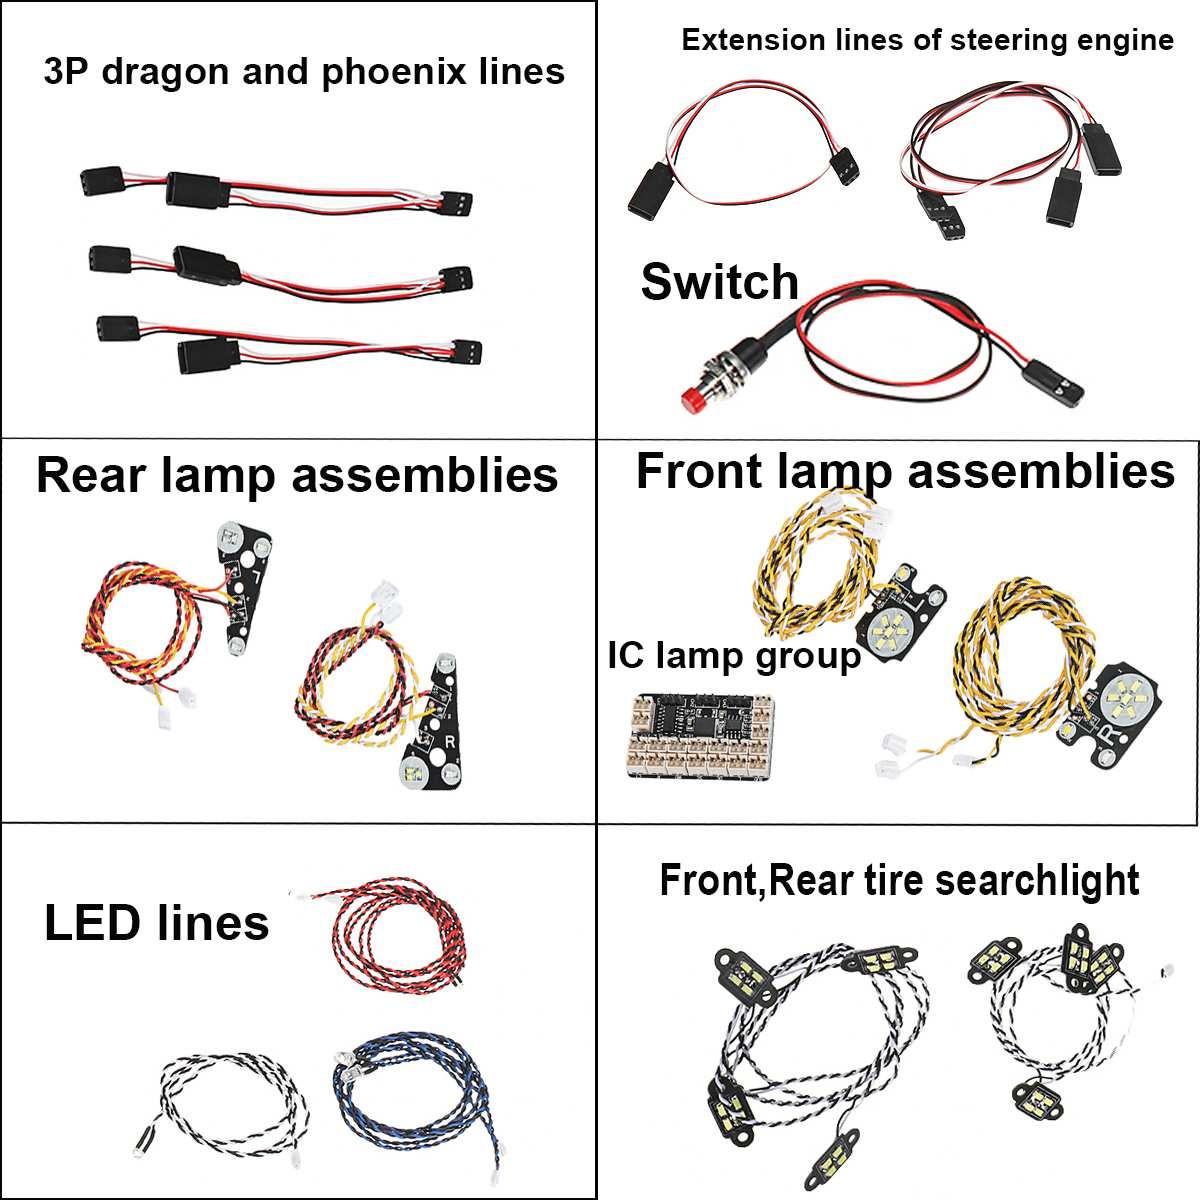 45 Uds. LED reflector delantero trasero de neumáticos luz de techo IC grupo de lámpara para Trx4 - 3